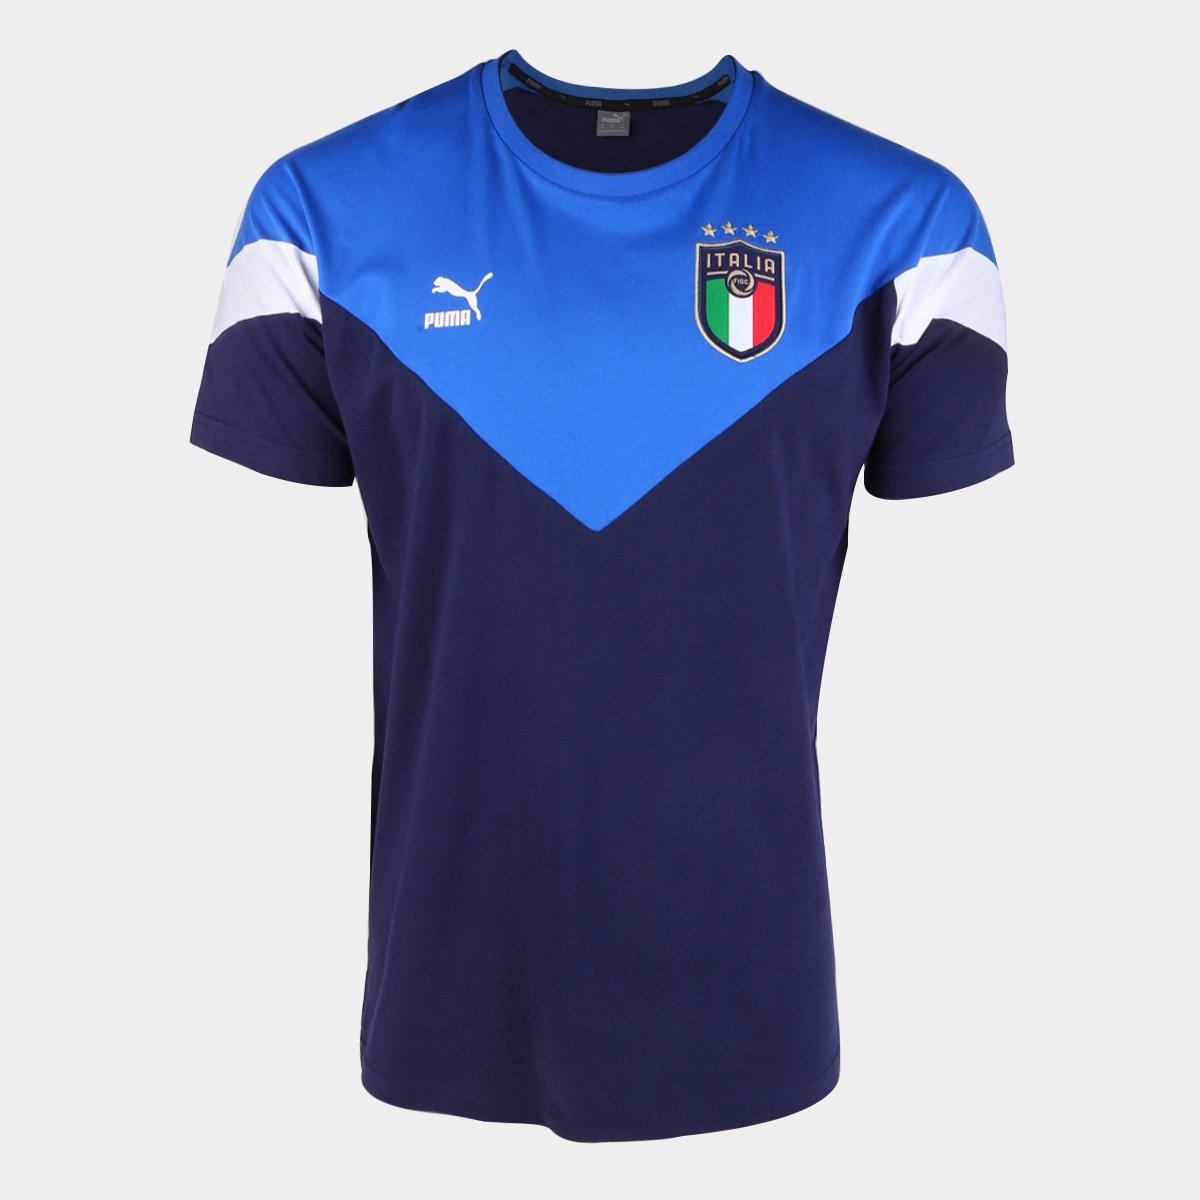 Camiseta Seleção Itália Puma Iconic Masculina